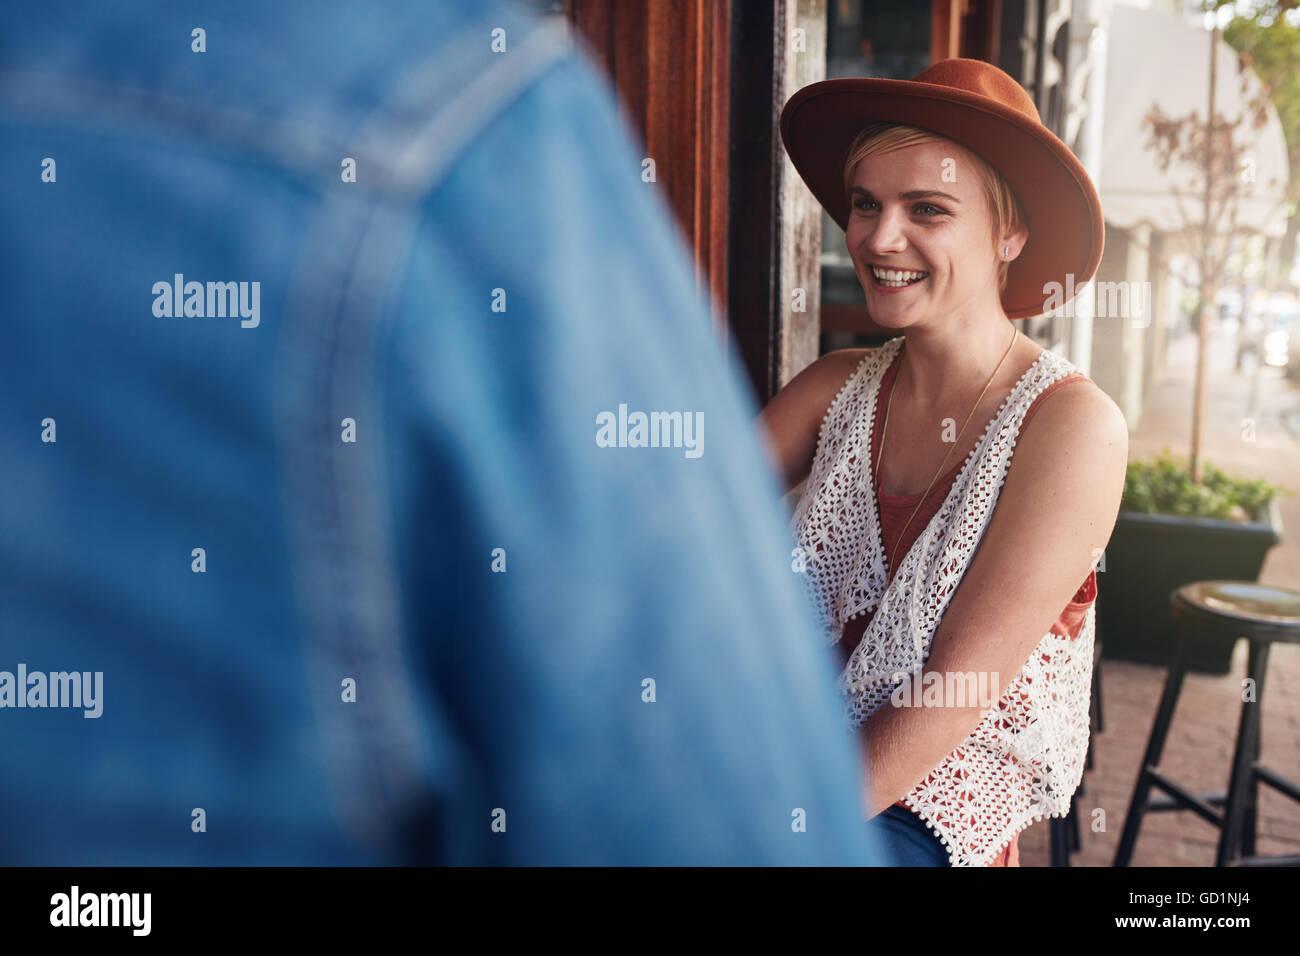 Lächelnde junge Frau mit ihrer Freundin in einem Café sitzen. Junge Menschen an einem Cafétisch sitzen. Stockbild